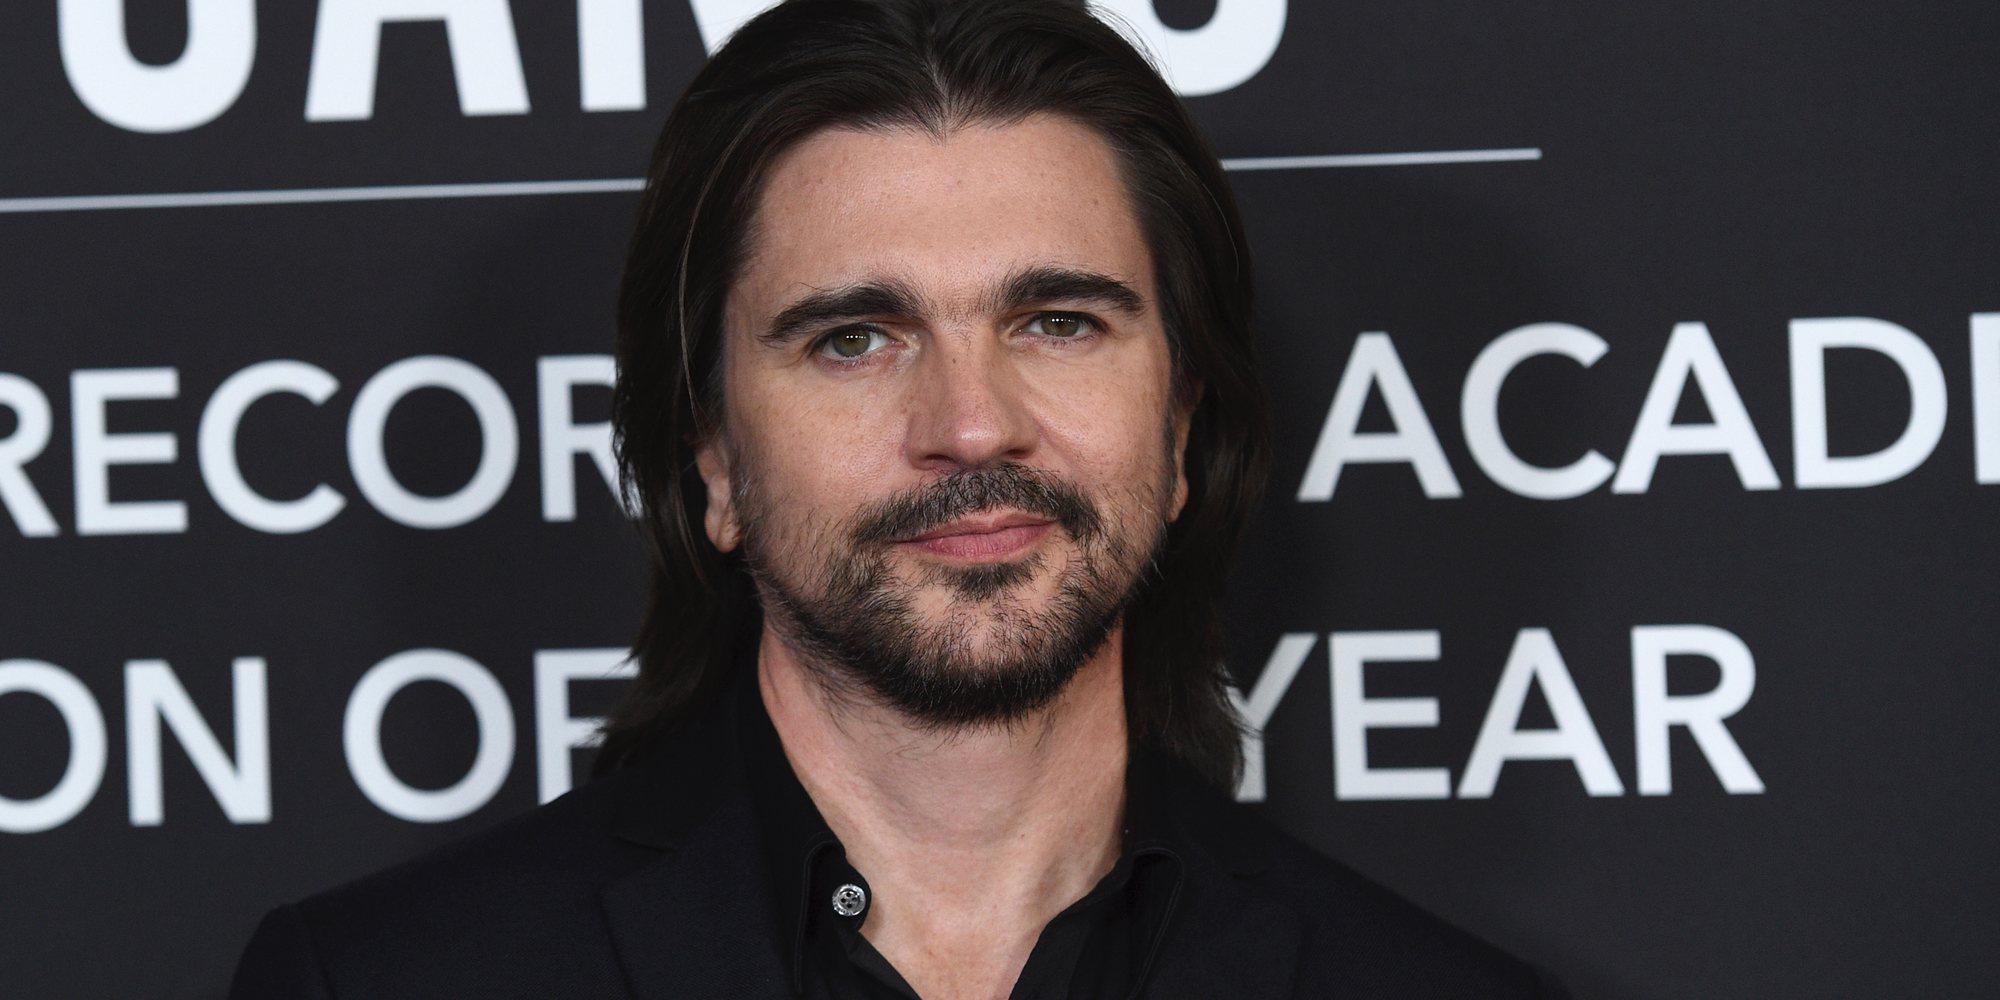 Rosalía y Alejandro Sanz ponen la banda sonora a la noche de Juanes al recibir el premio Persona del Año 2019